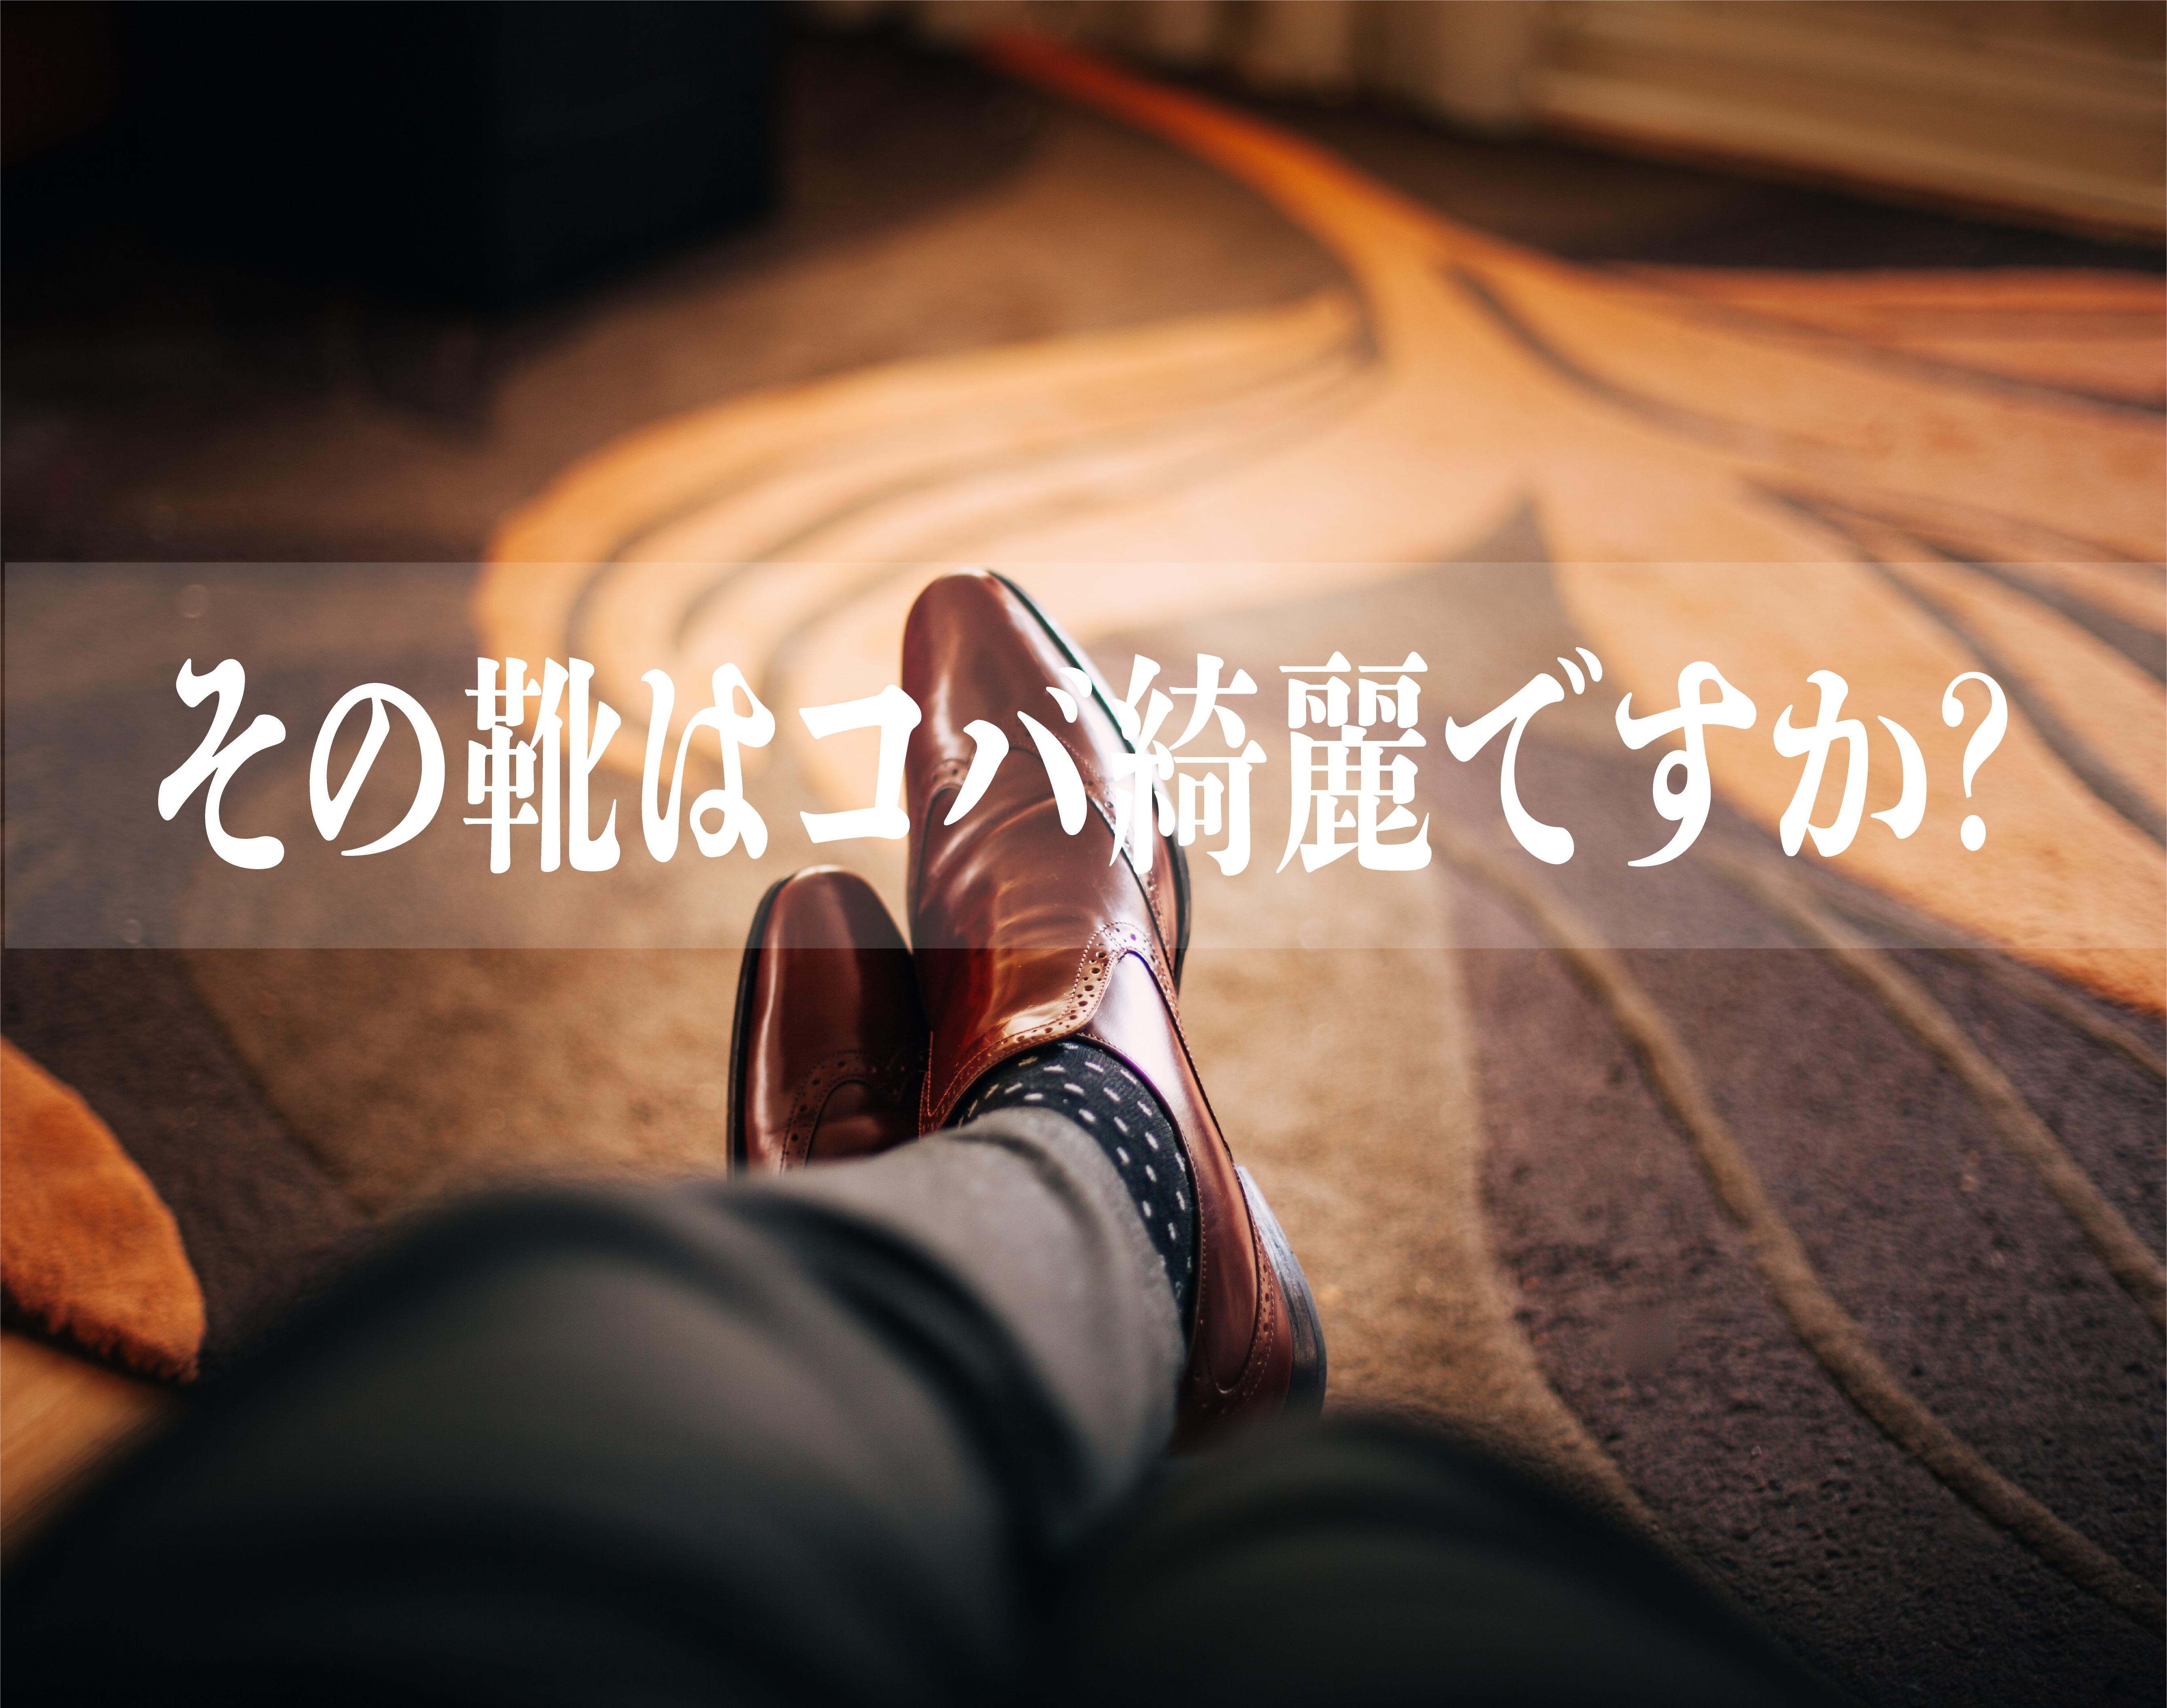 【コバってどこ?】革靴の荒れたコバは削る?ケアの手順!